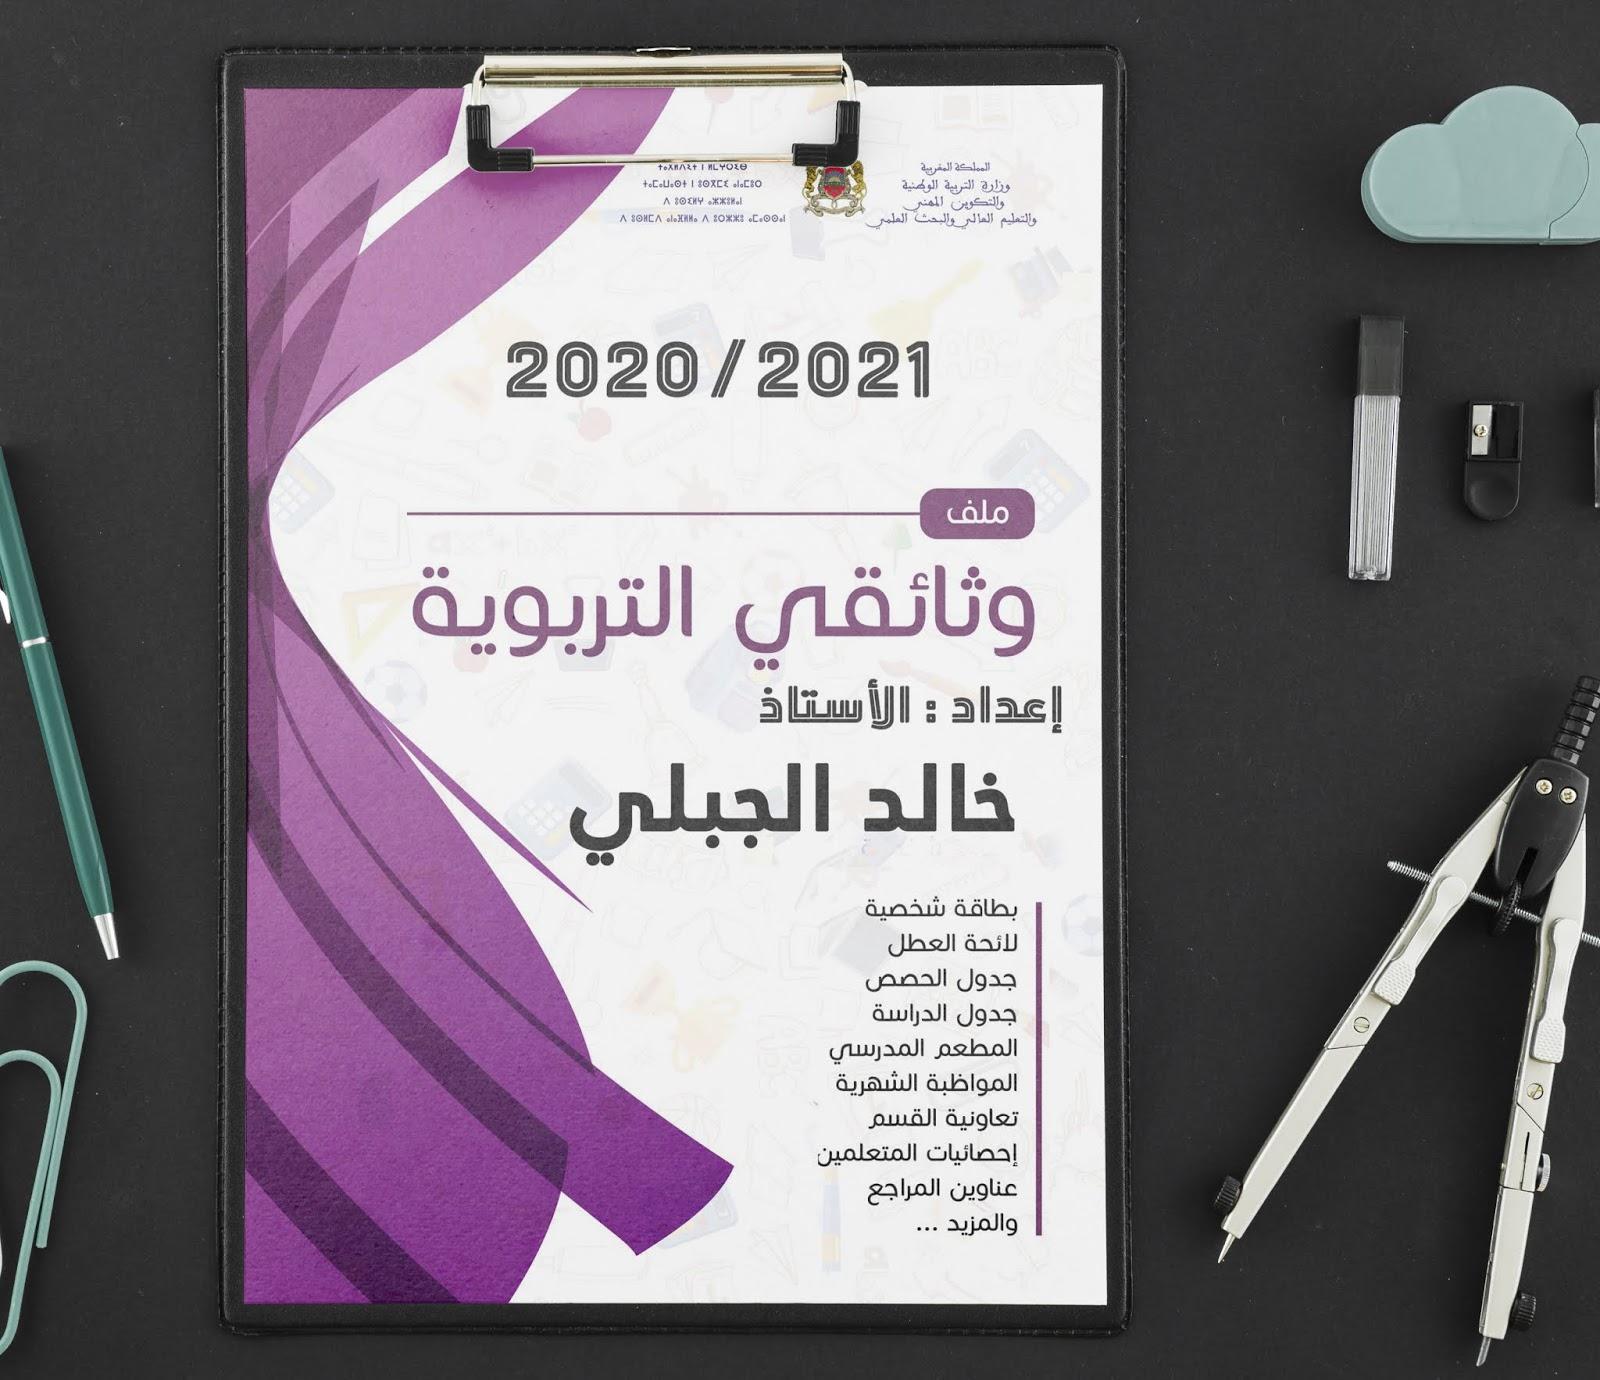 جميع الوثائق التربوية التي يحتاجها كل أستاذ 2020/2021 بحلة مهنية رائعة